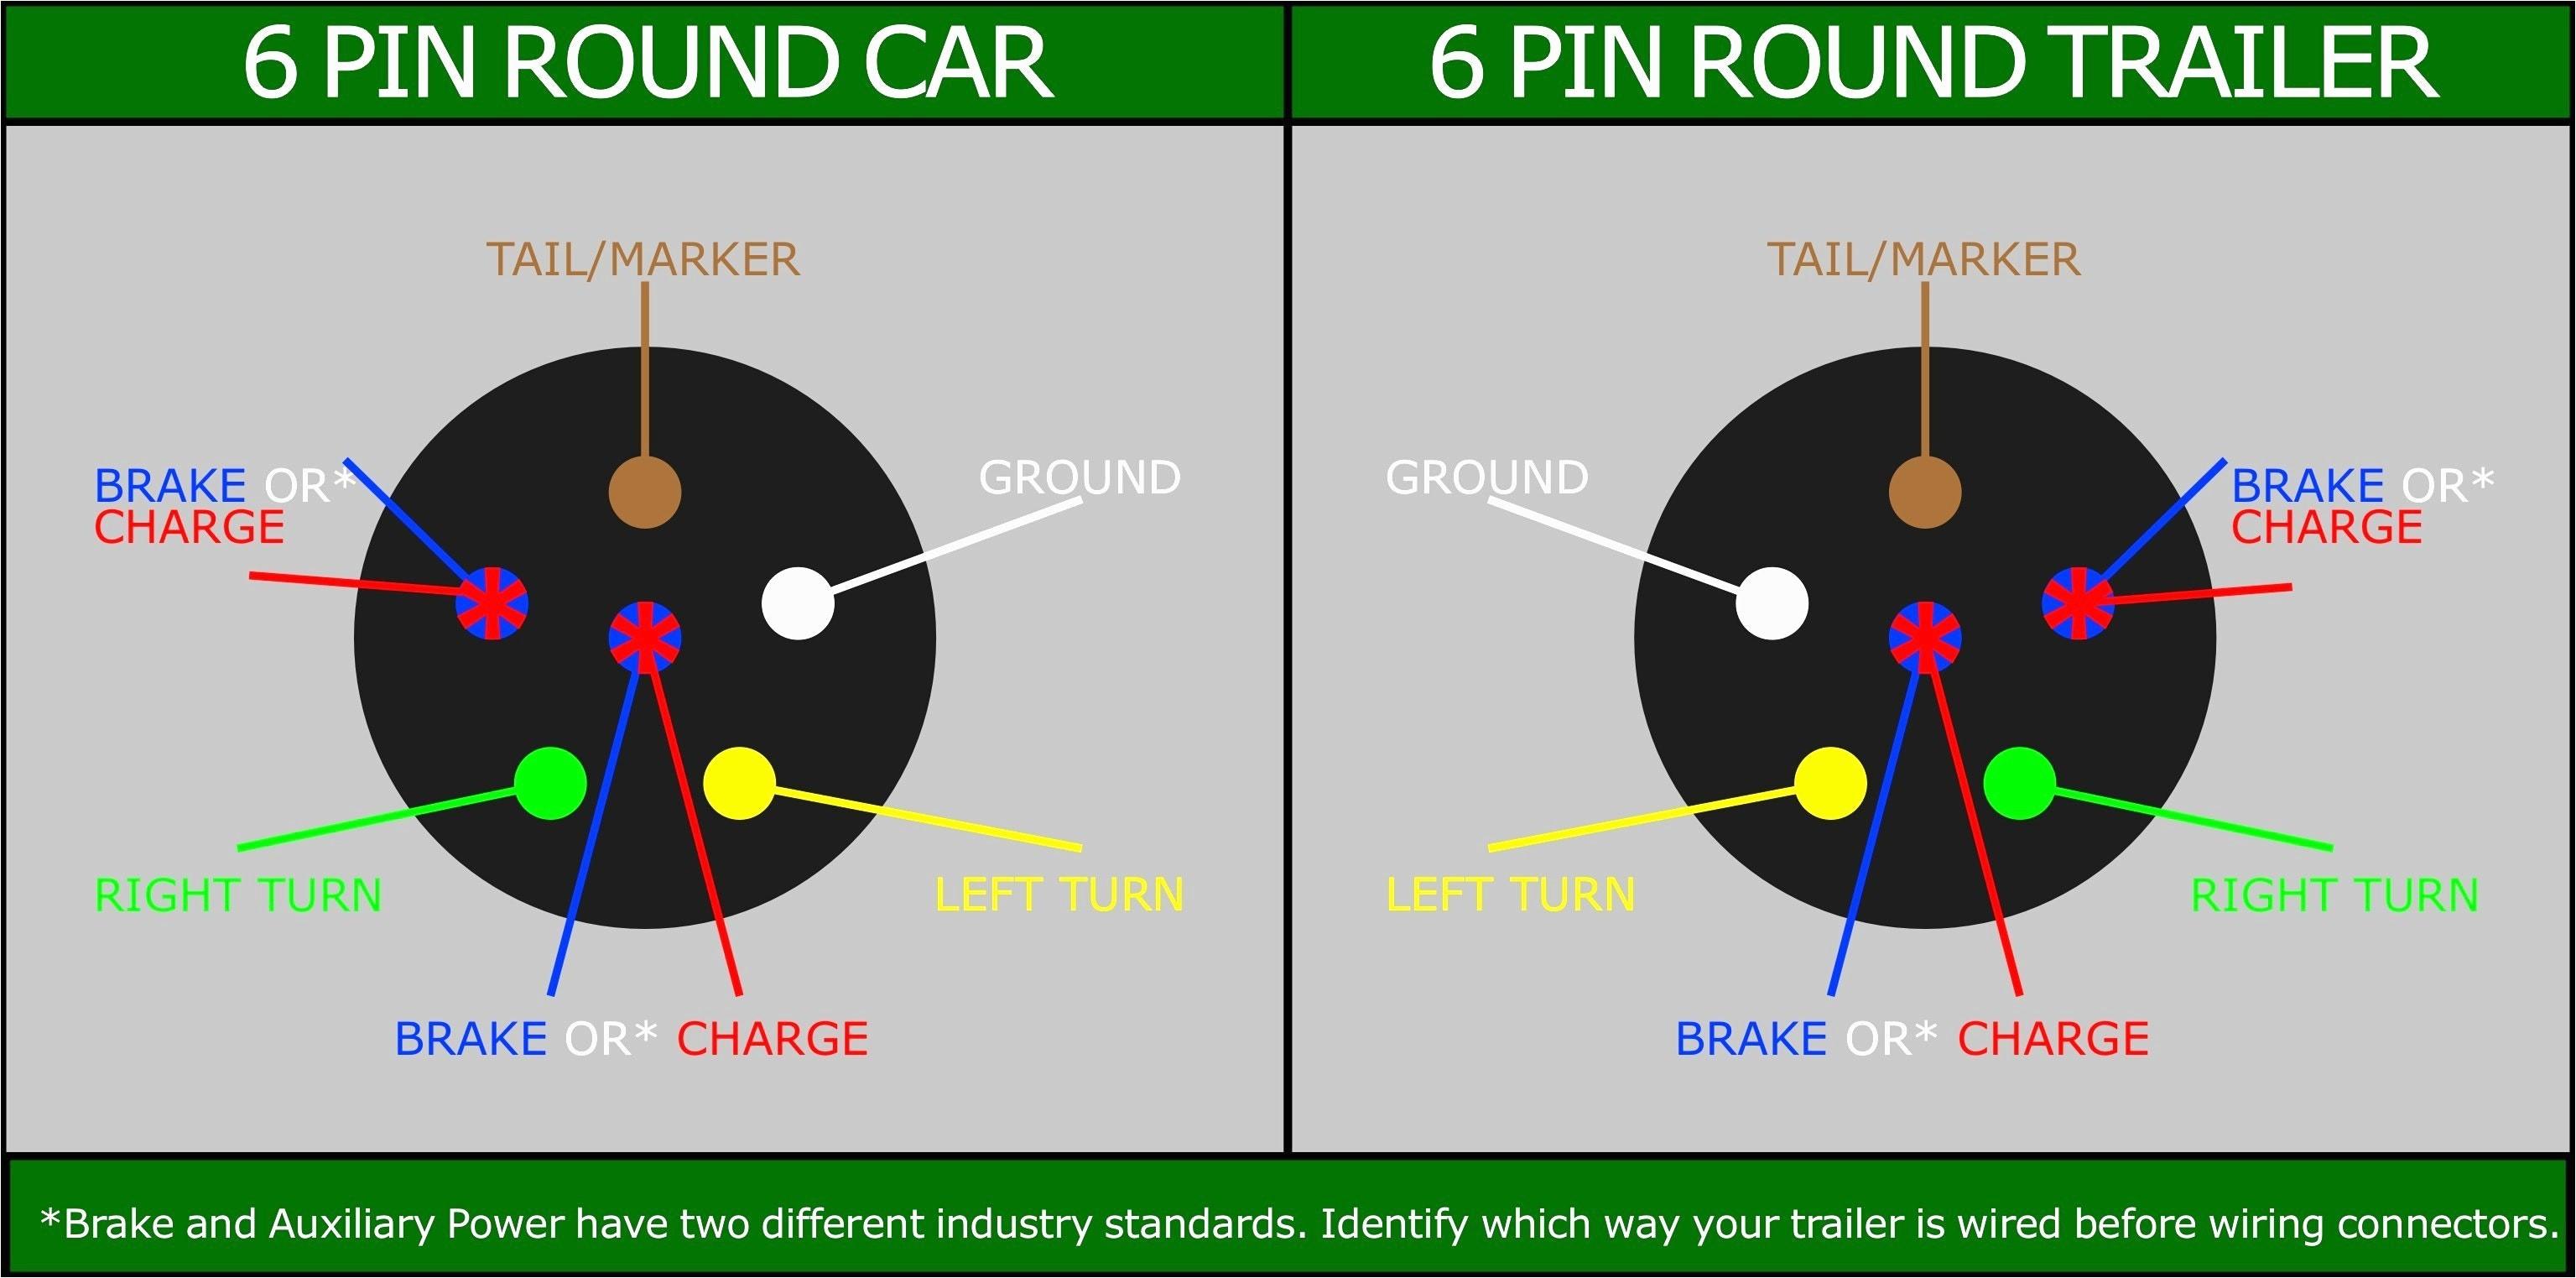 6 pin to 7 trailer wiring diagram wiring diagram rows 7 blade to 6 pin wiring diagram 7 pin to 6 wiring diagram